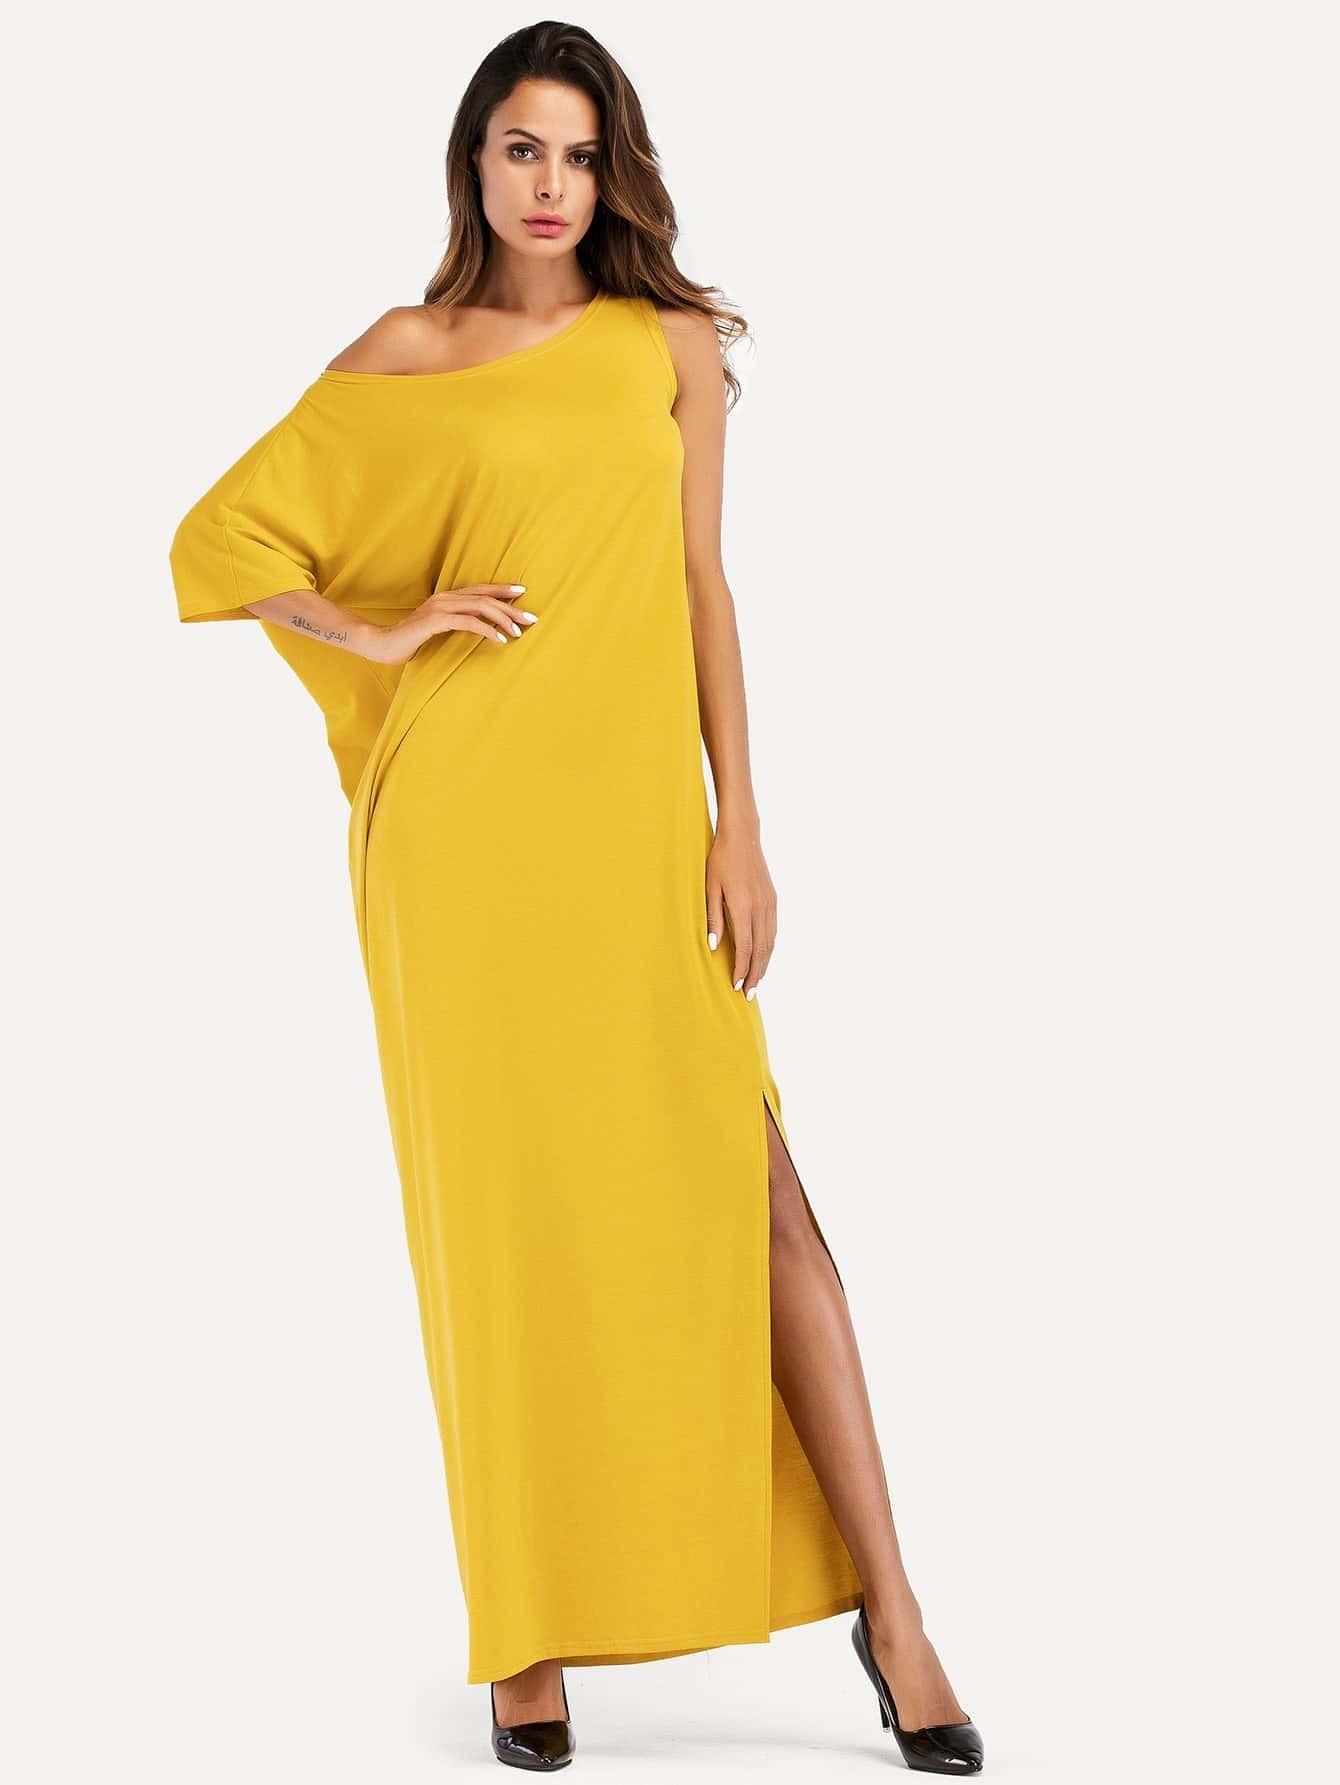 Split Side One Shoulder Mesh Contrast Dress dark coffee side pockets one shoulder mini dress